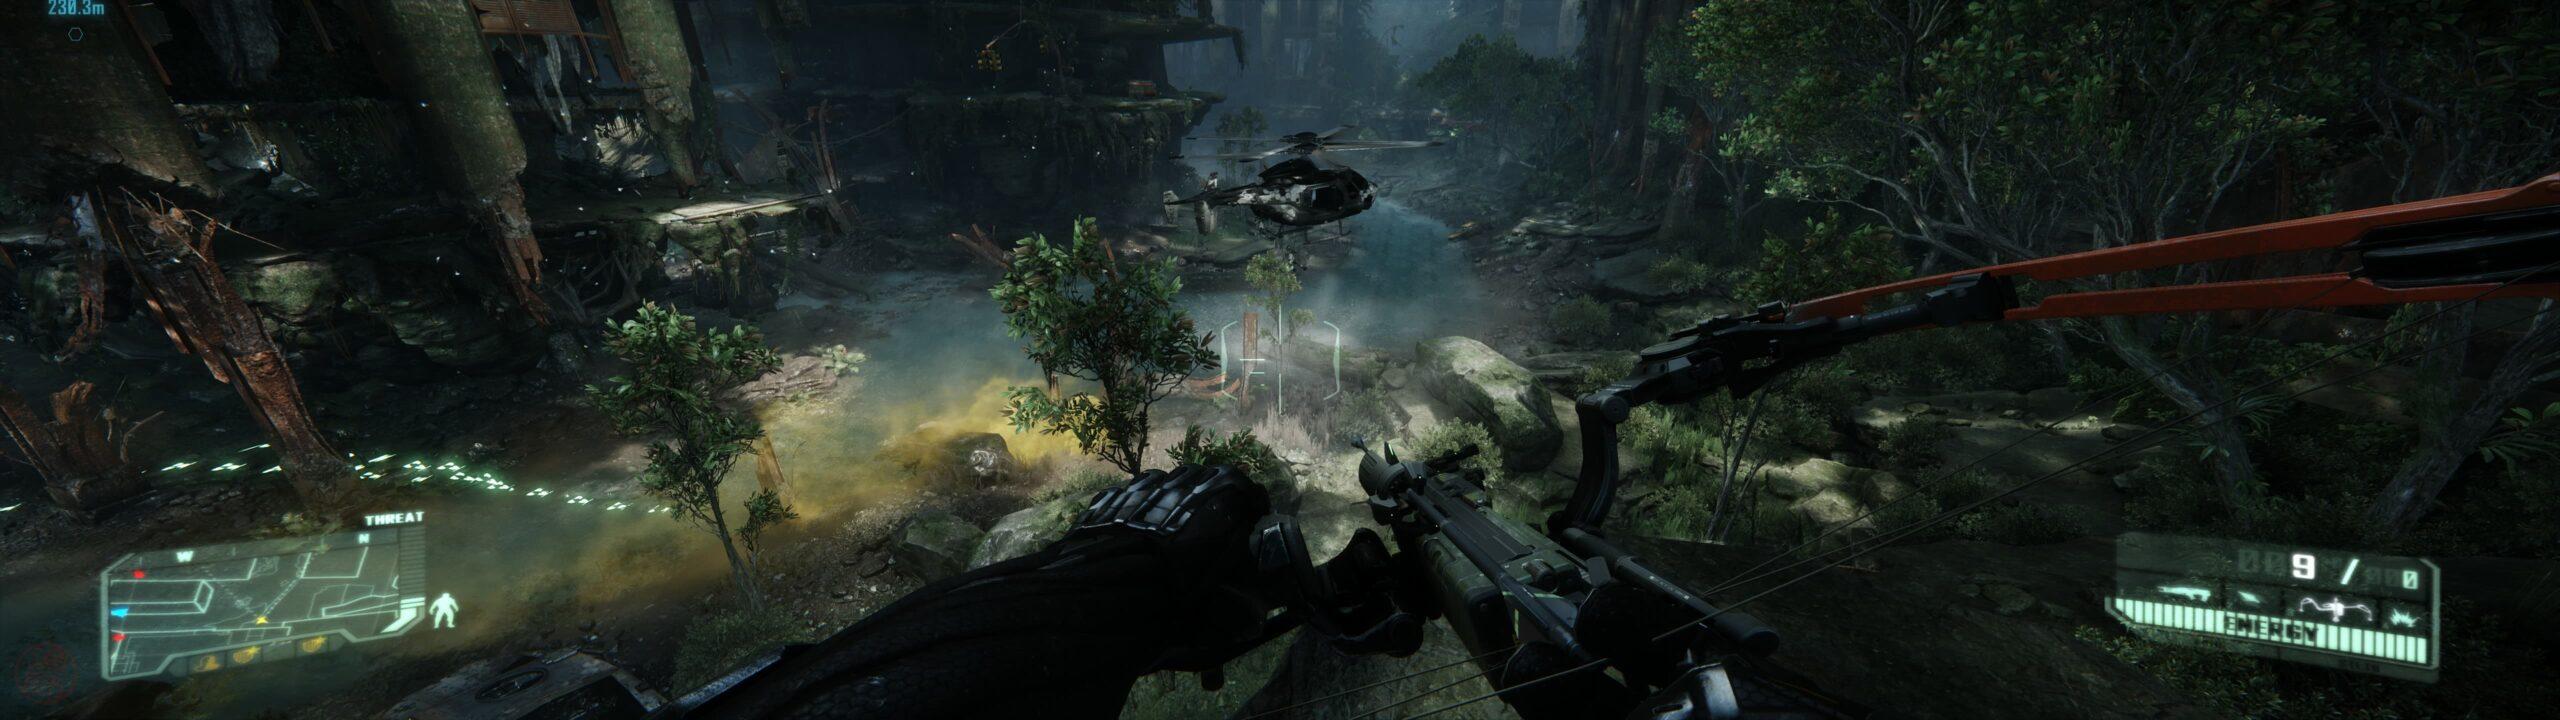 Crysis 3 (2)